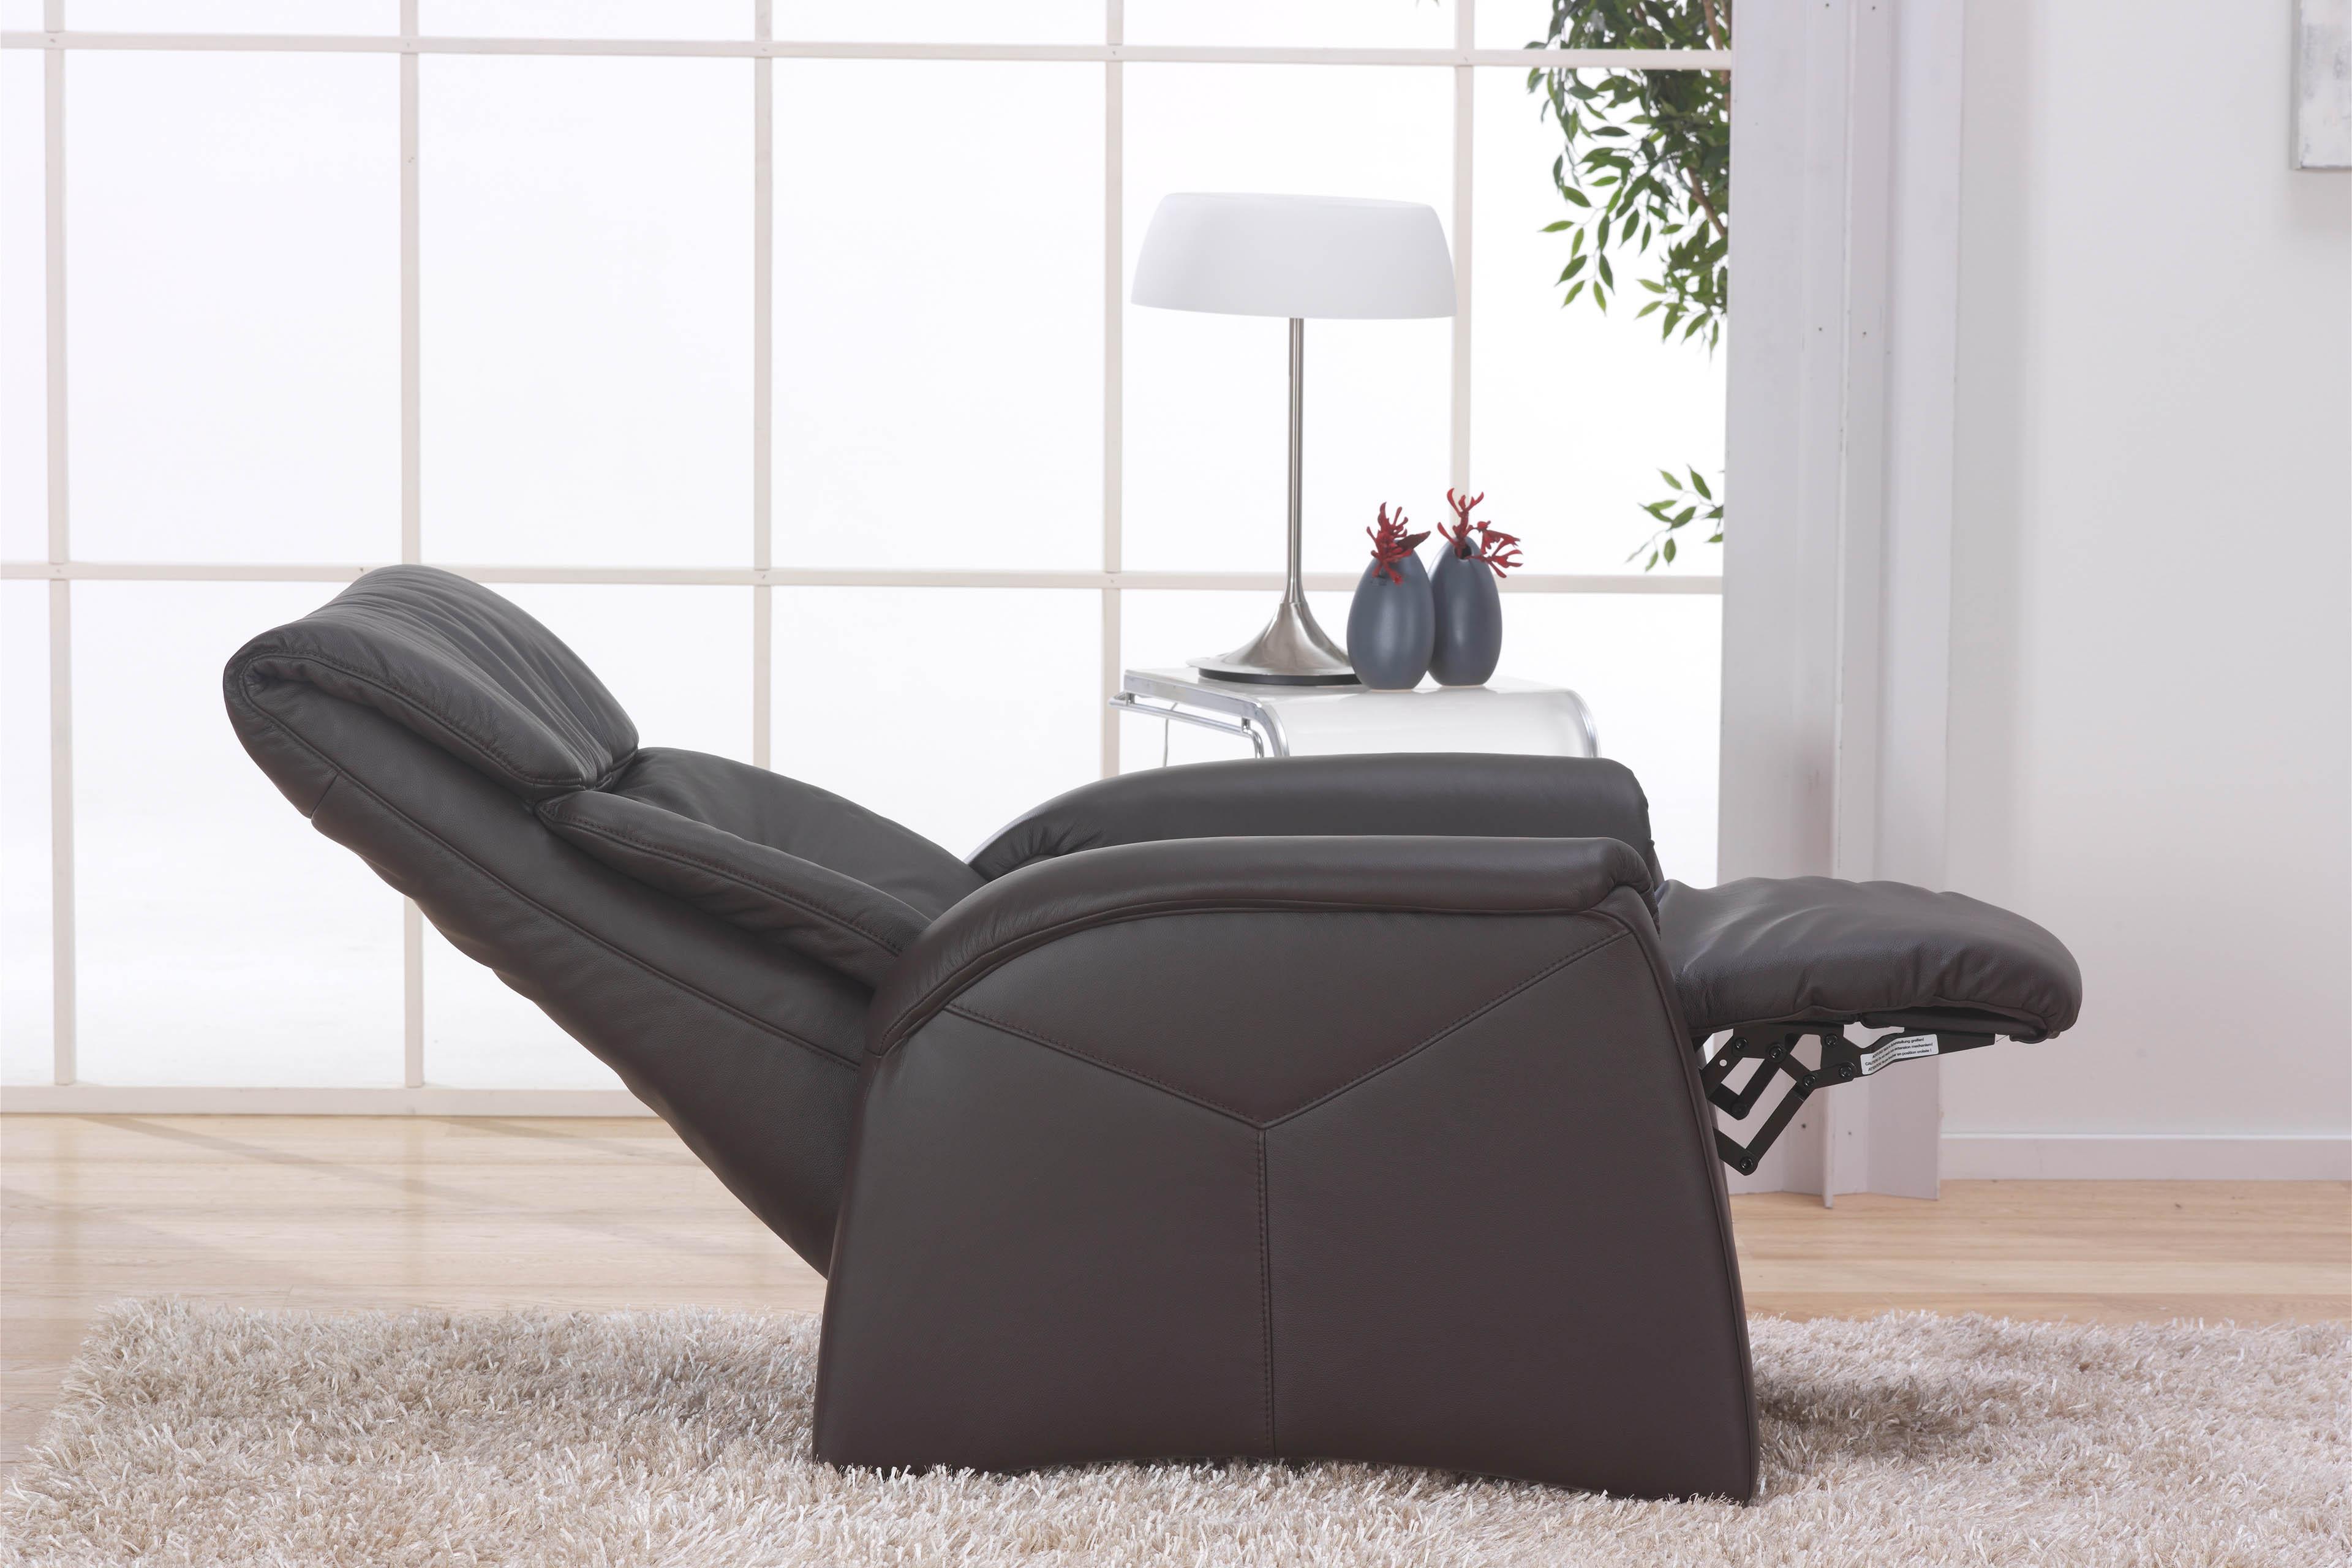 himolla 7978 funktionssessel braun m bel letz ihr. Black Bedroom Furniture Sets. Home Design Ideas